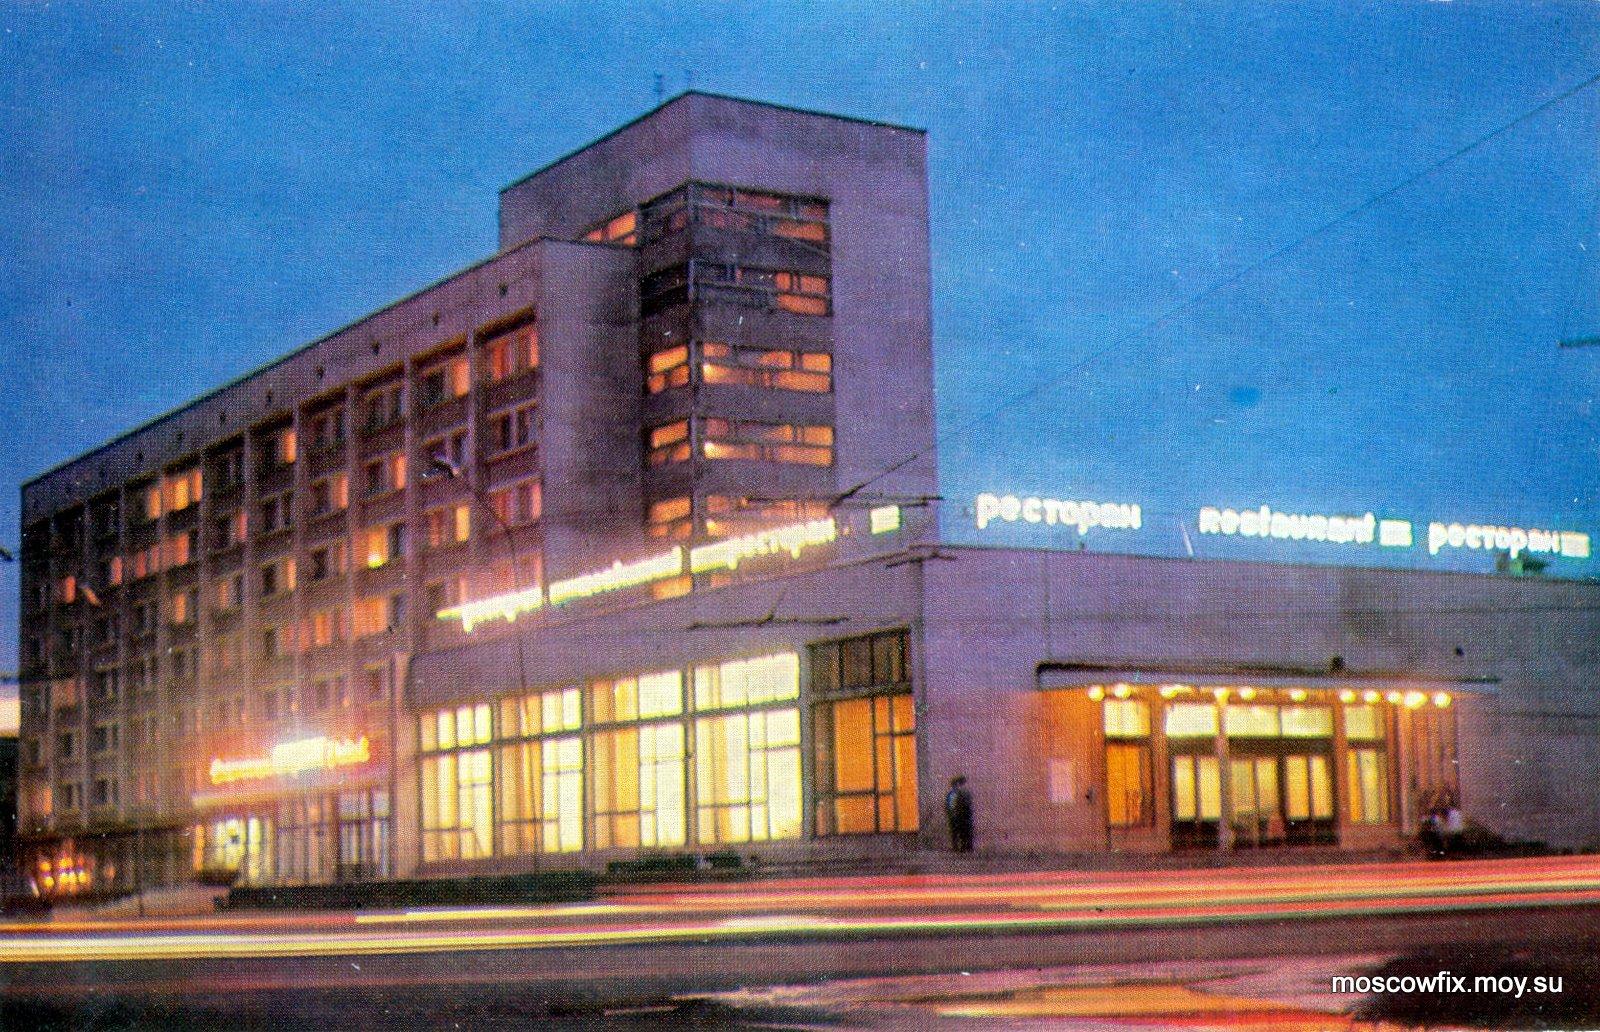 Сочи городская больница 1 сочи официальный сайт